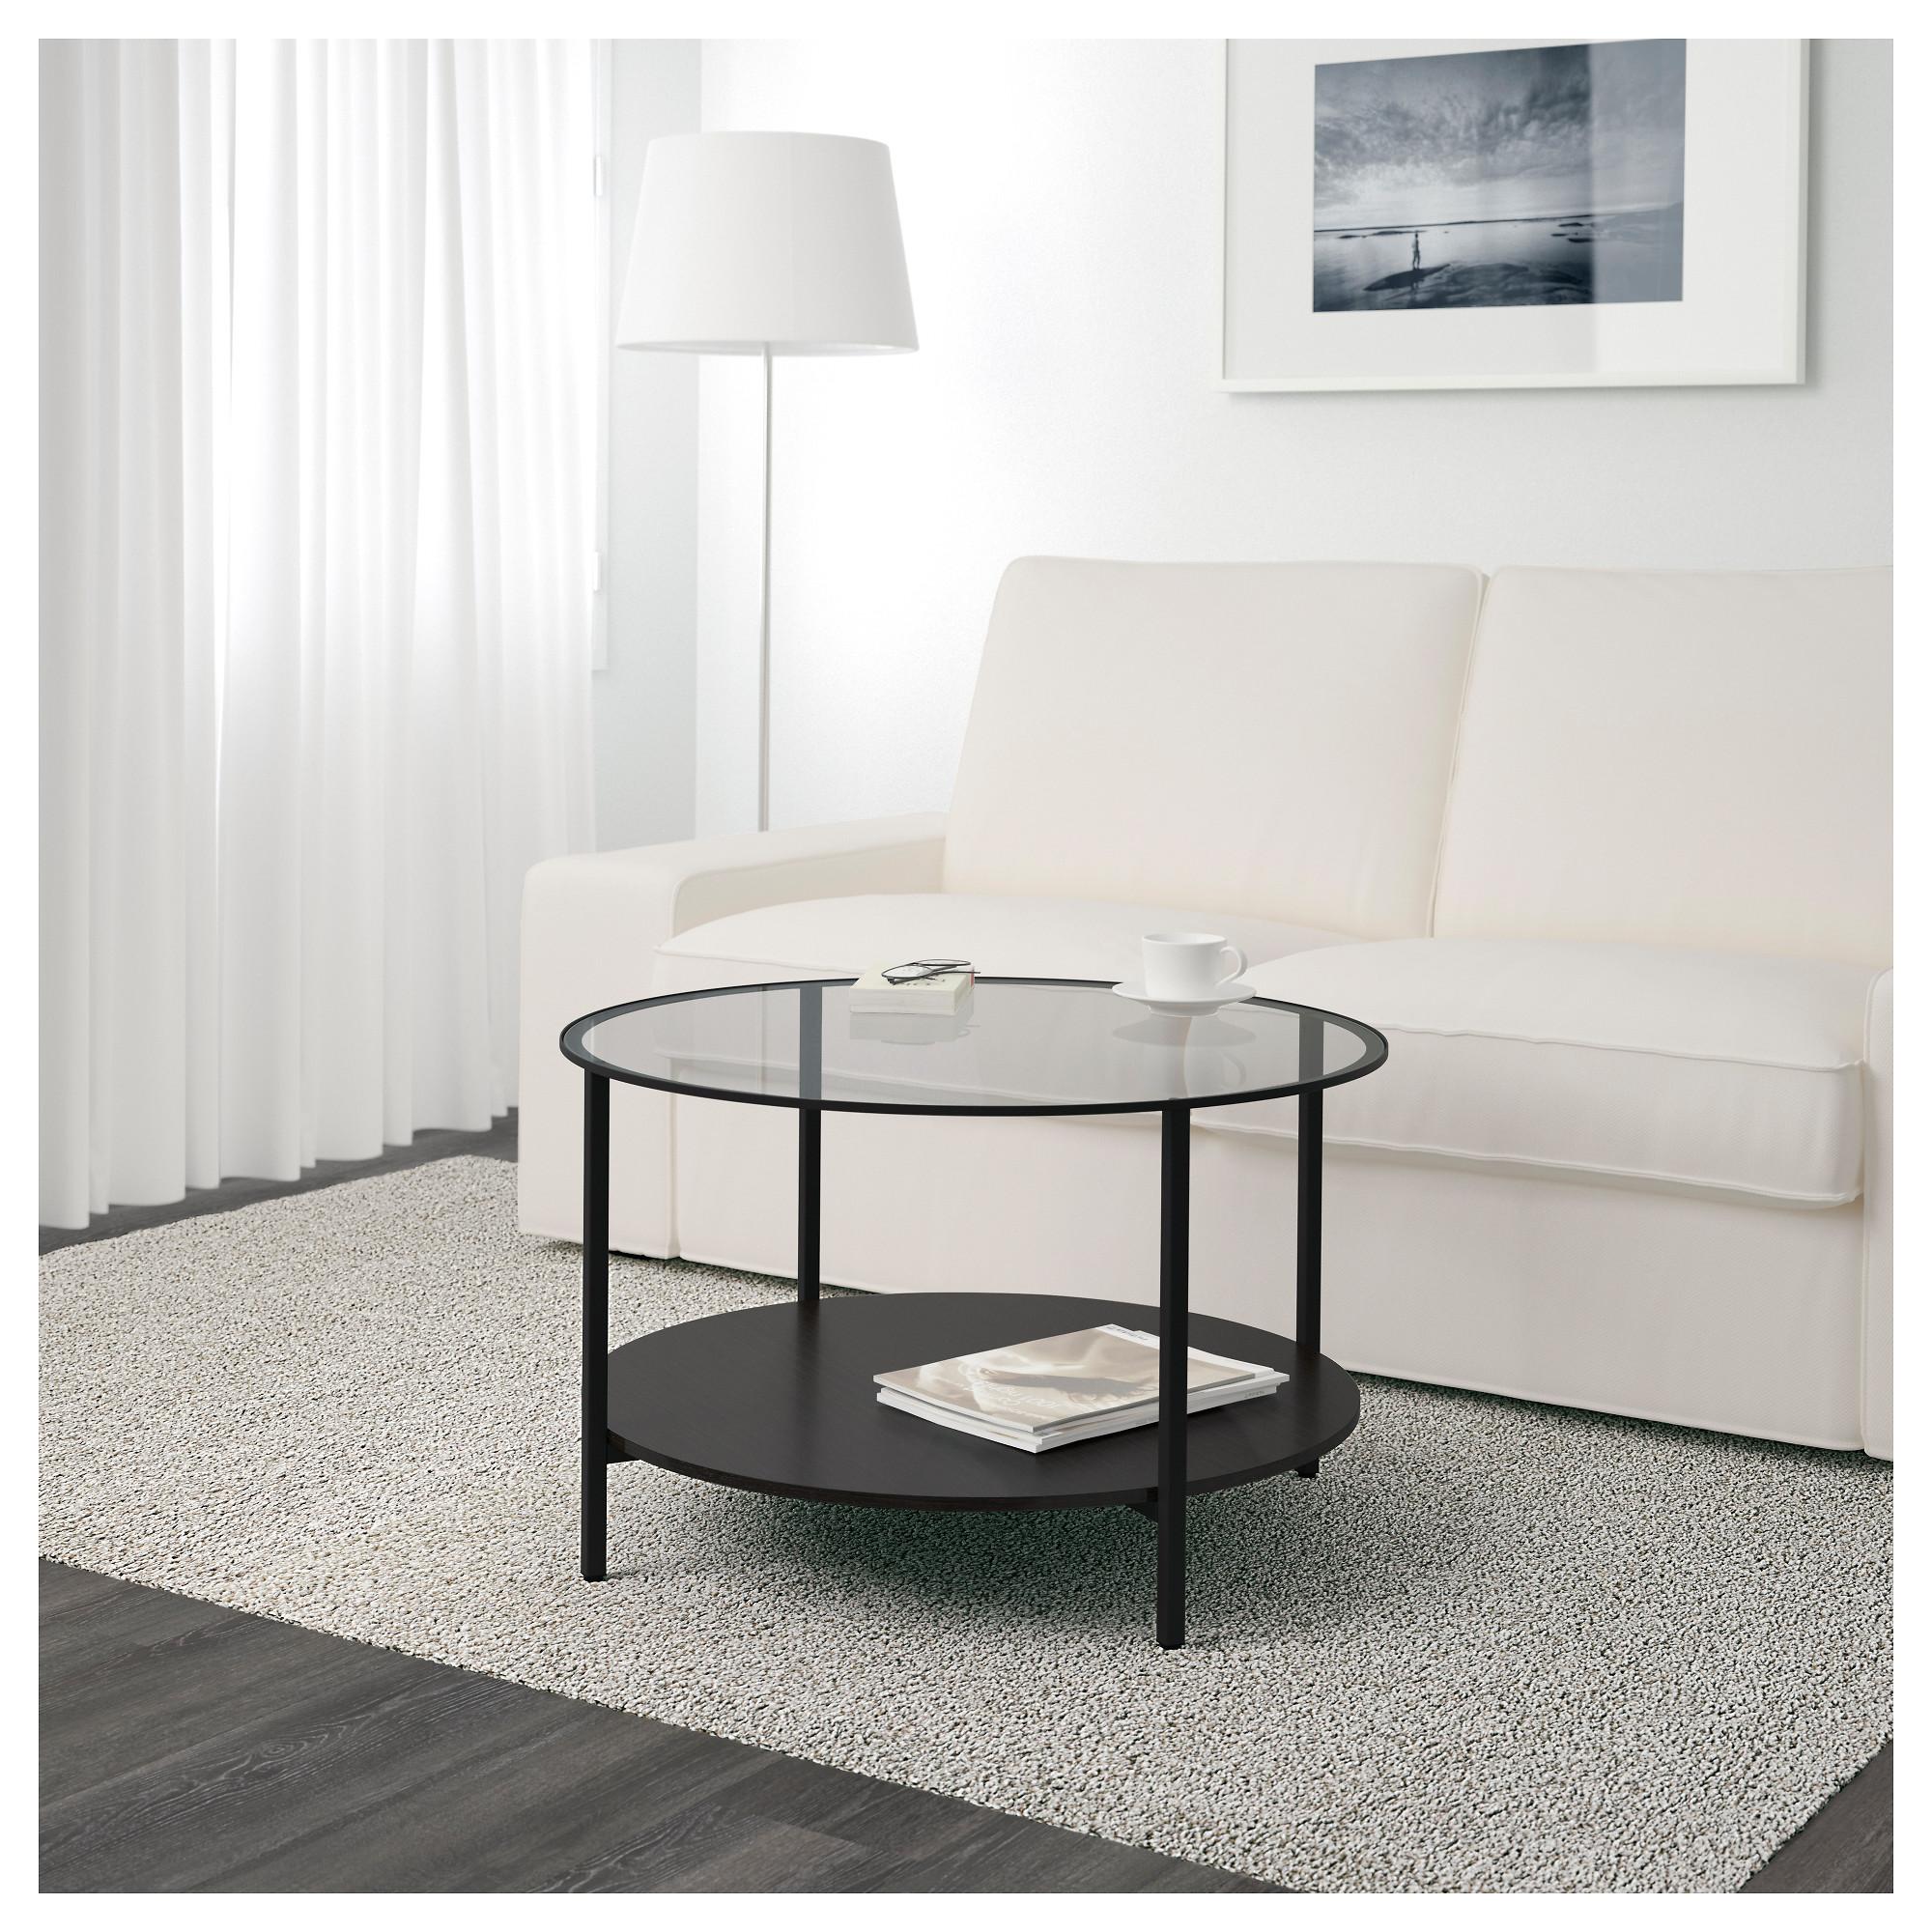 Full Size of Stehhilfe Ikea Betten Bei Sofa Mit Schlaffunktion Küche Kosten Kaufen 160x200 Miniküche Modulküche Wohnzimmer Stehhilfe Ikea